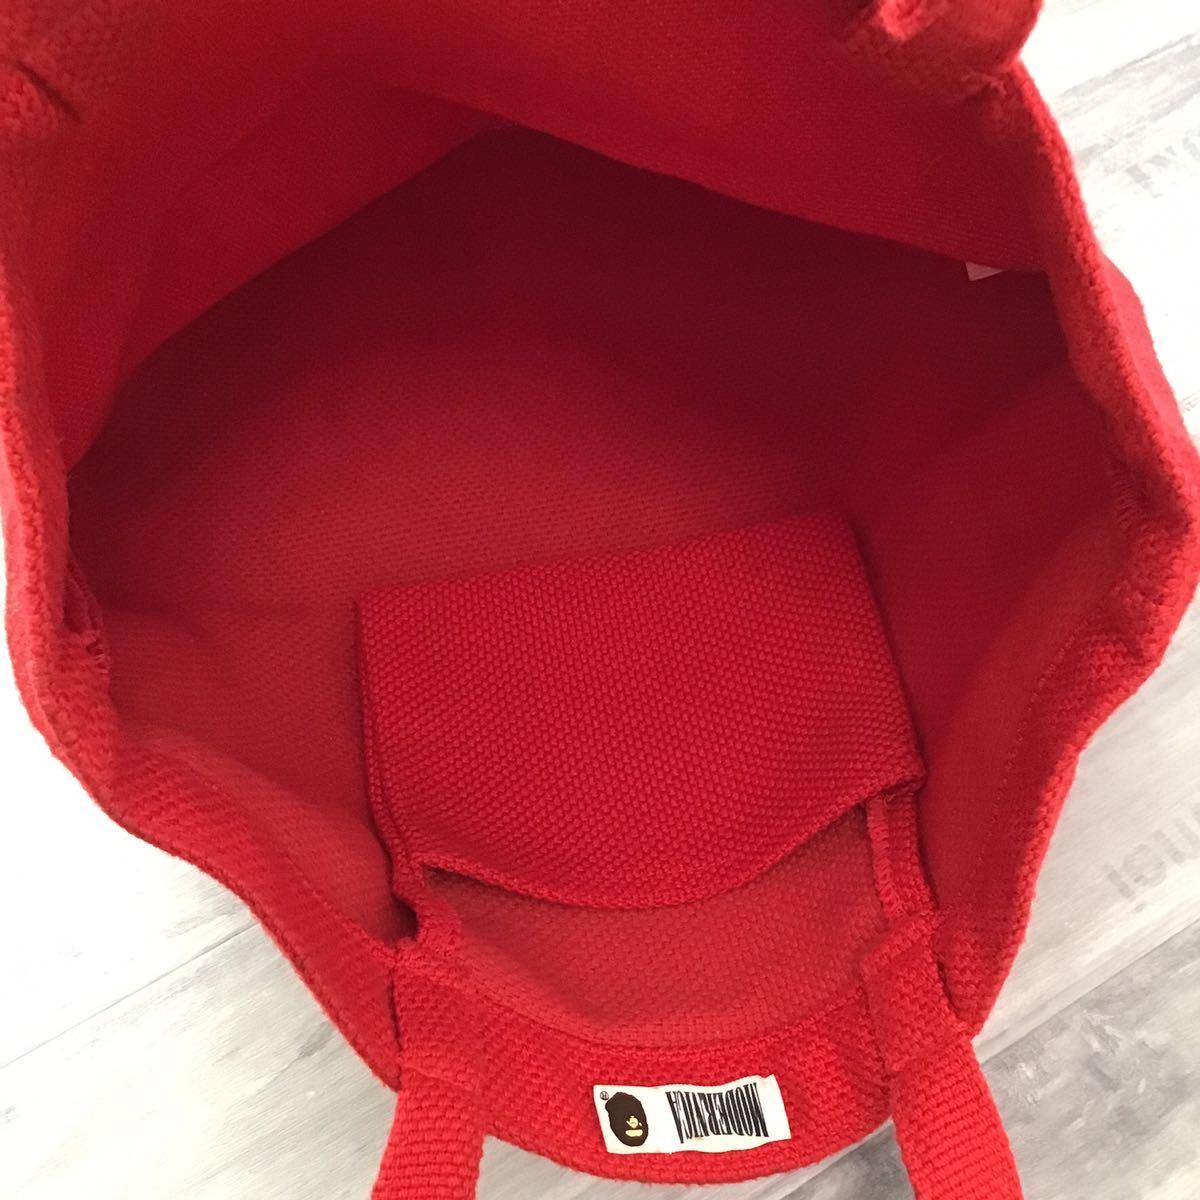 ★激レア★ MODERNICA × BAPE トート バッグ モダニカ tote bag a bathing ape エイプ ベイプ アベイシングエイプ nigo 裏原宿